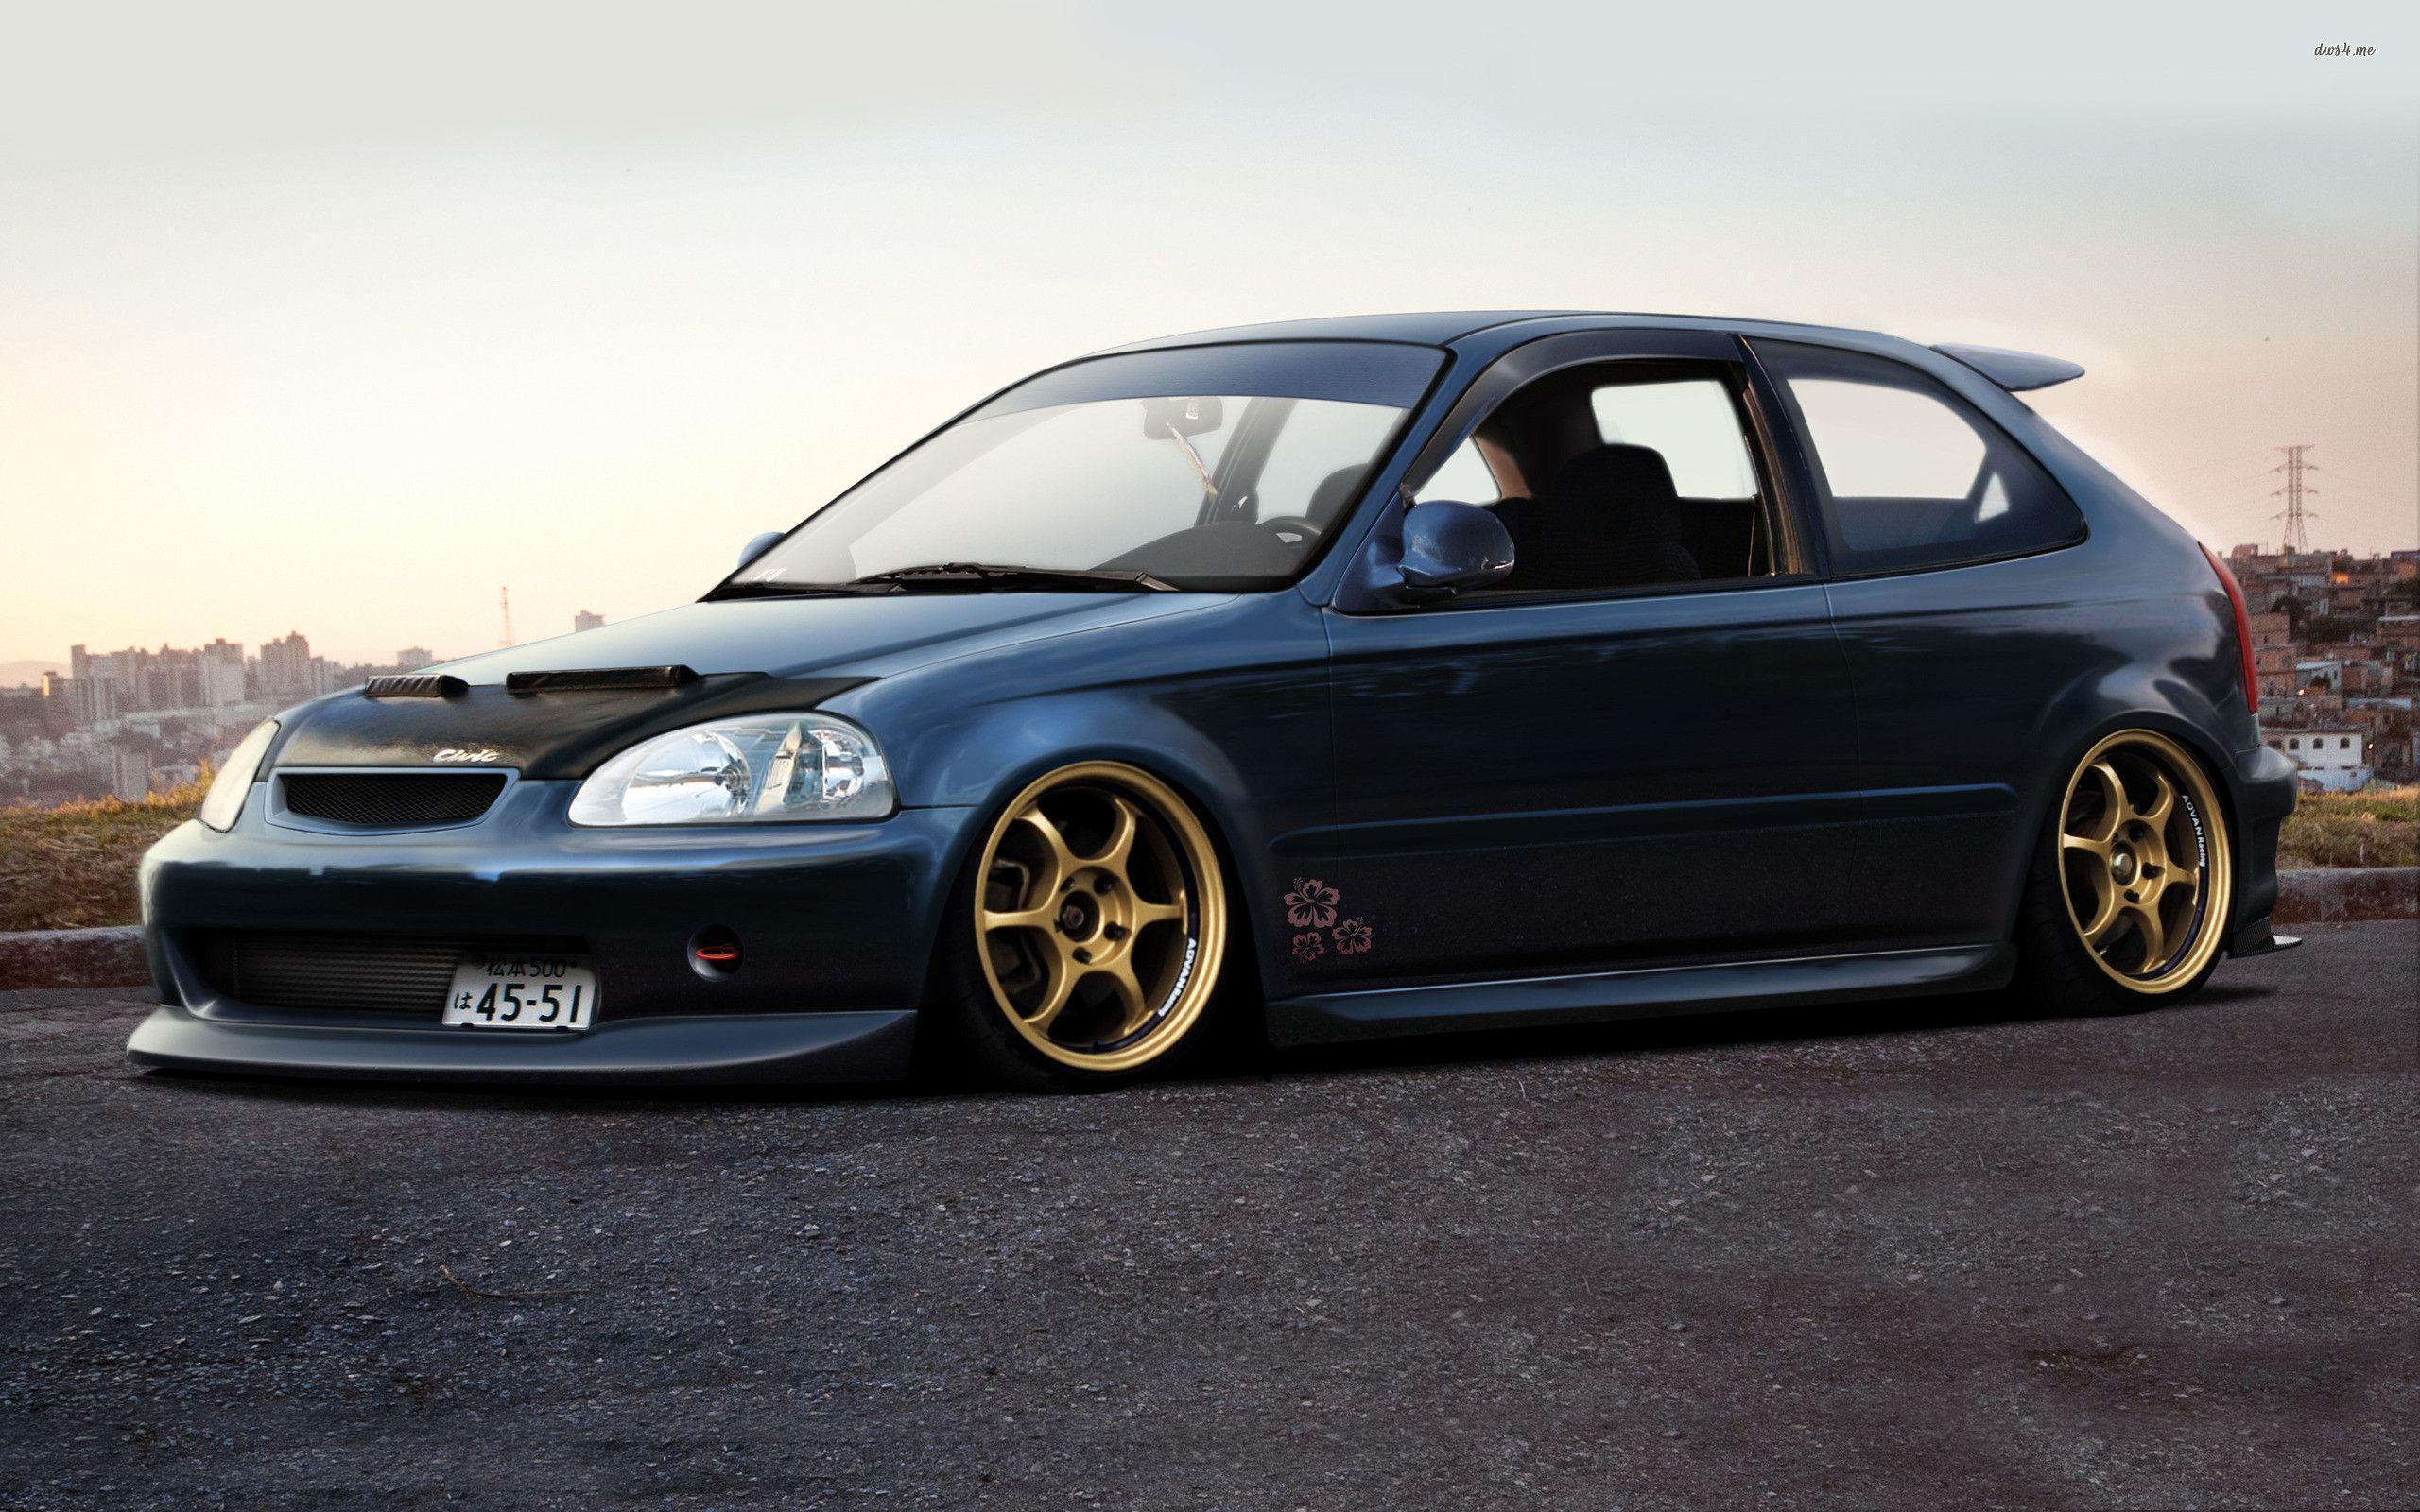 Honda Accord 2009 Coupe Tuning >> Honda Civic Wallpapers - Wallpaper Cave